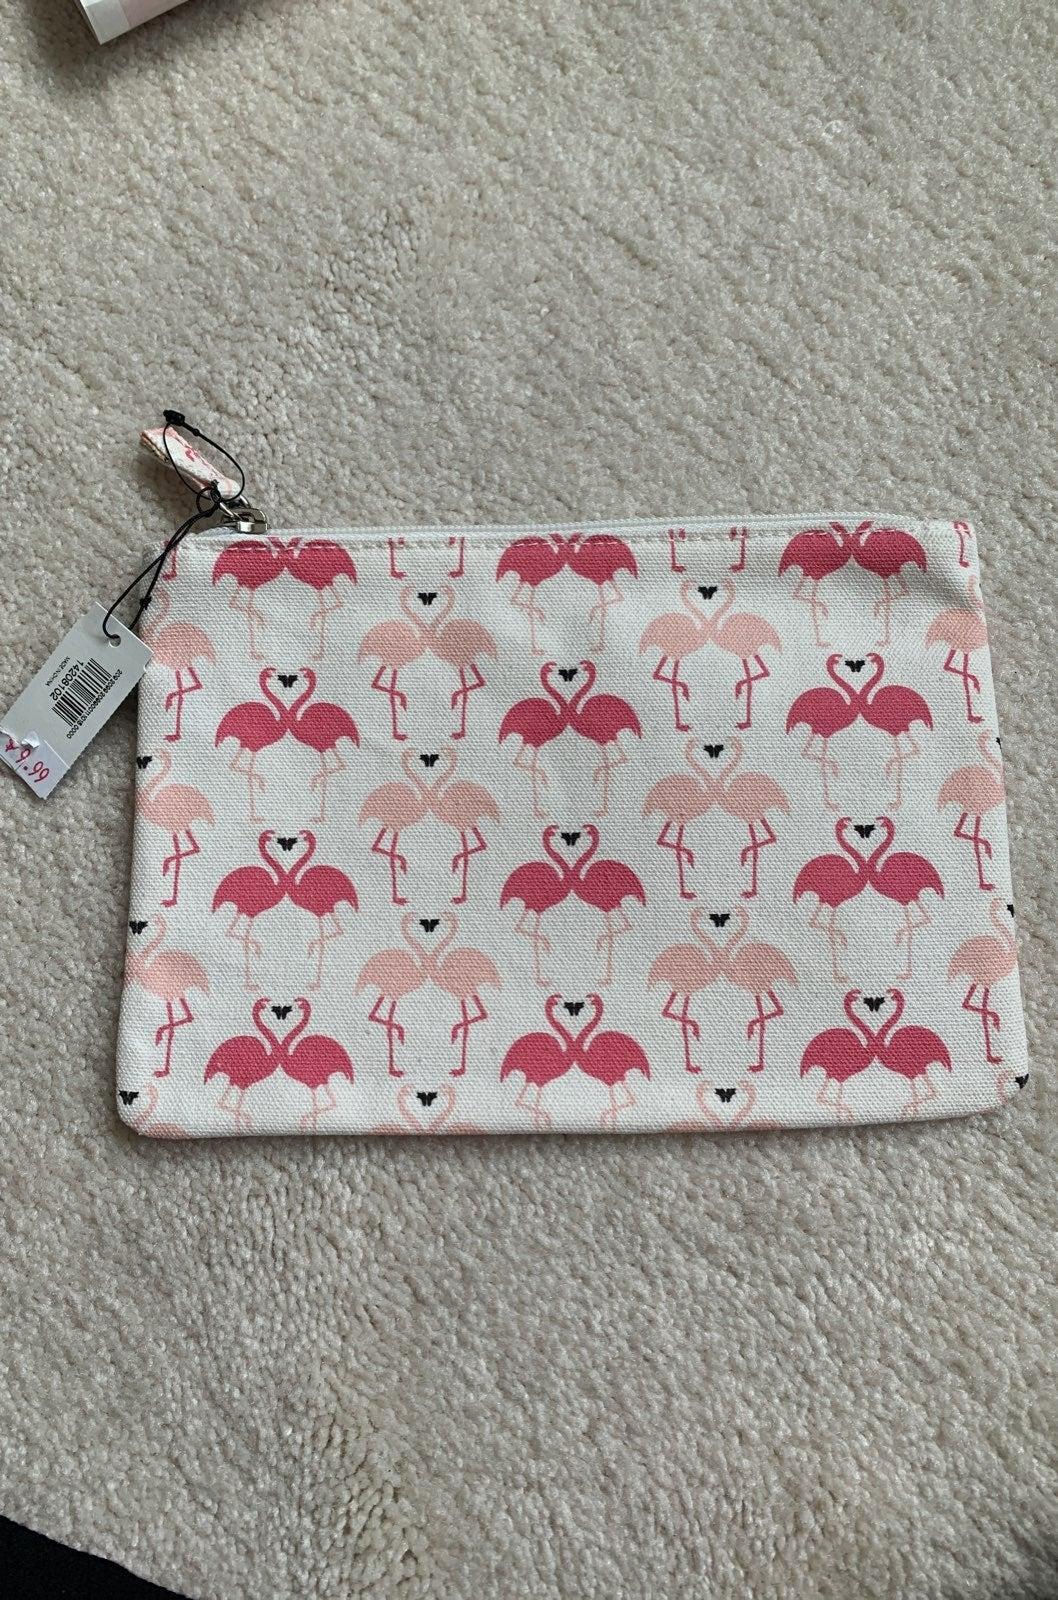 NWT Express Flamingo makeup bag